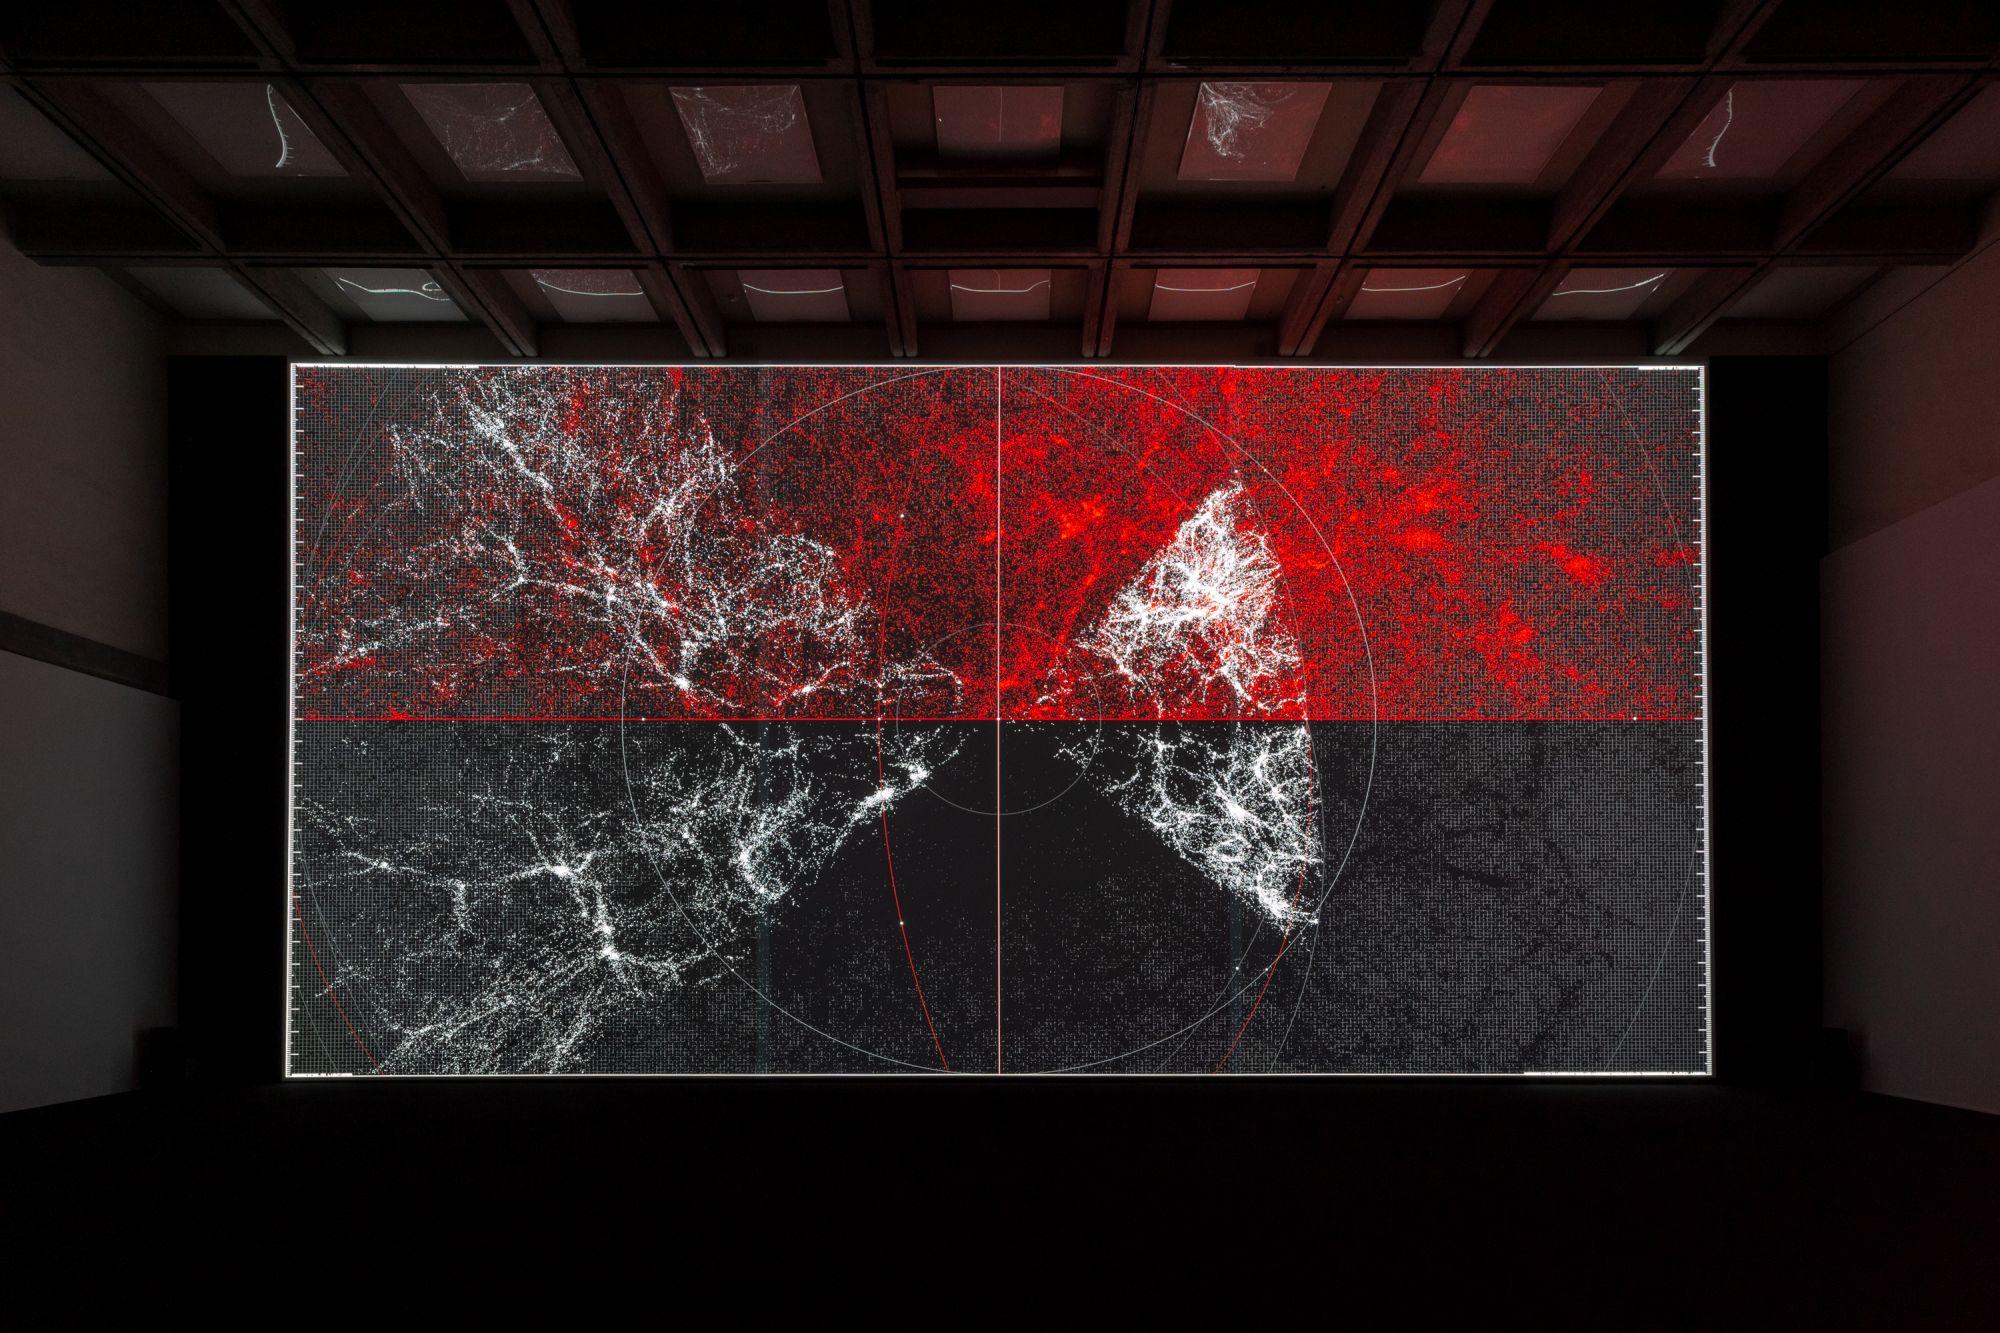 日本新媒體藝術家「池田亮司個展」北美館重磅登場!開啟視聽科技的無限想像